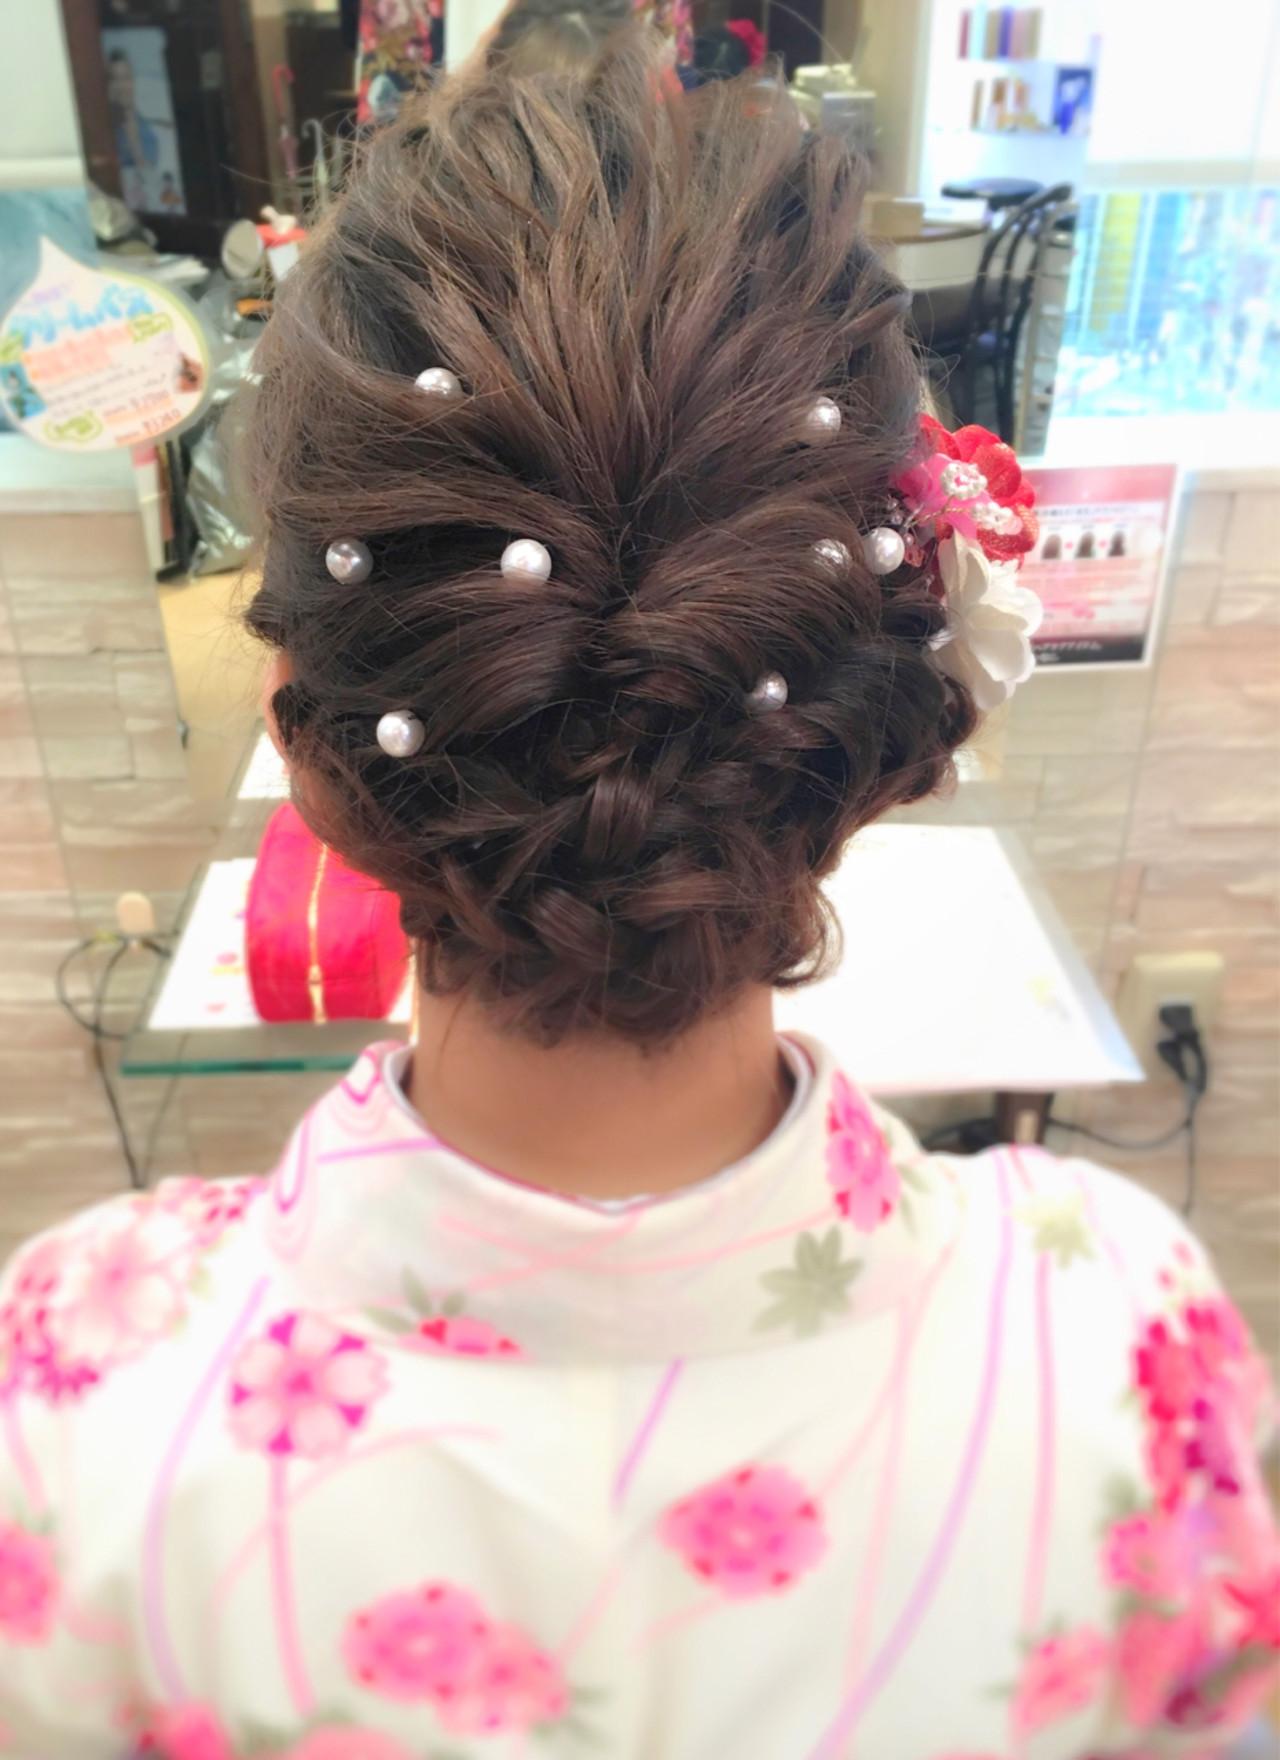 着物 袴 ナチュラル 波ウェーブ ヘアスタイルや髪型の写真・画像